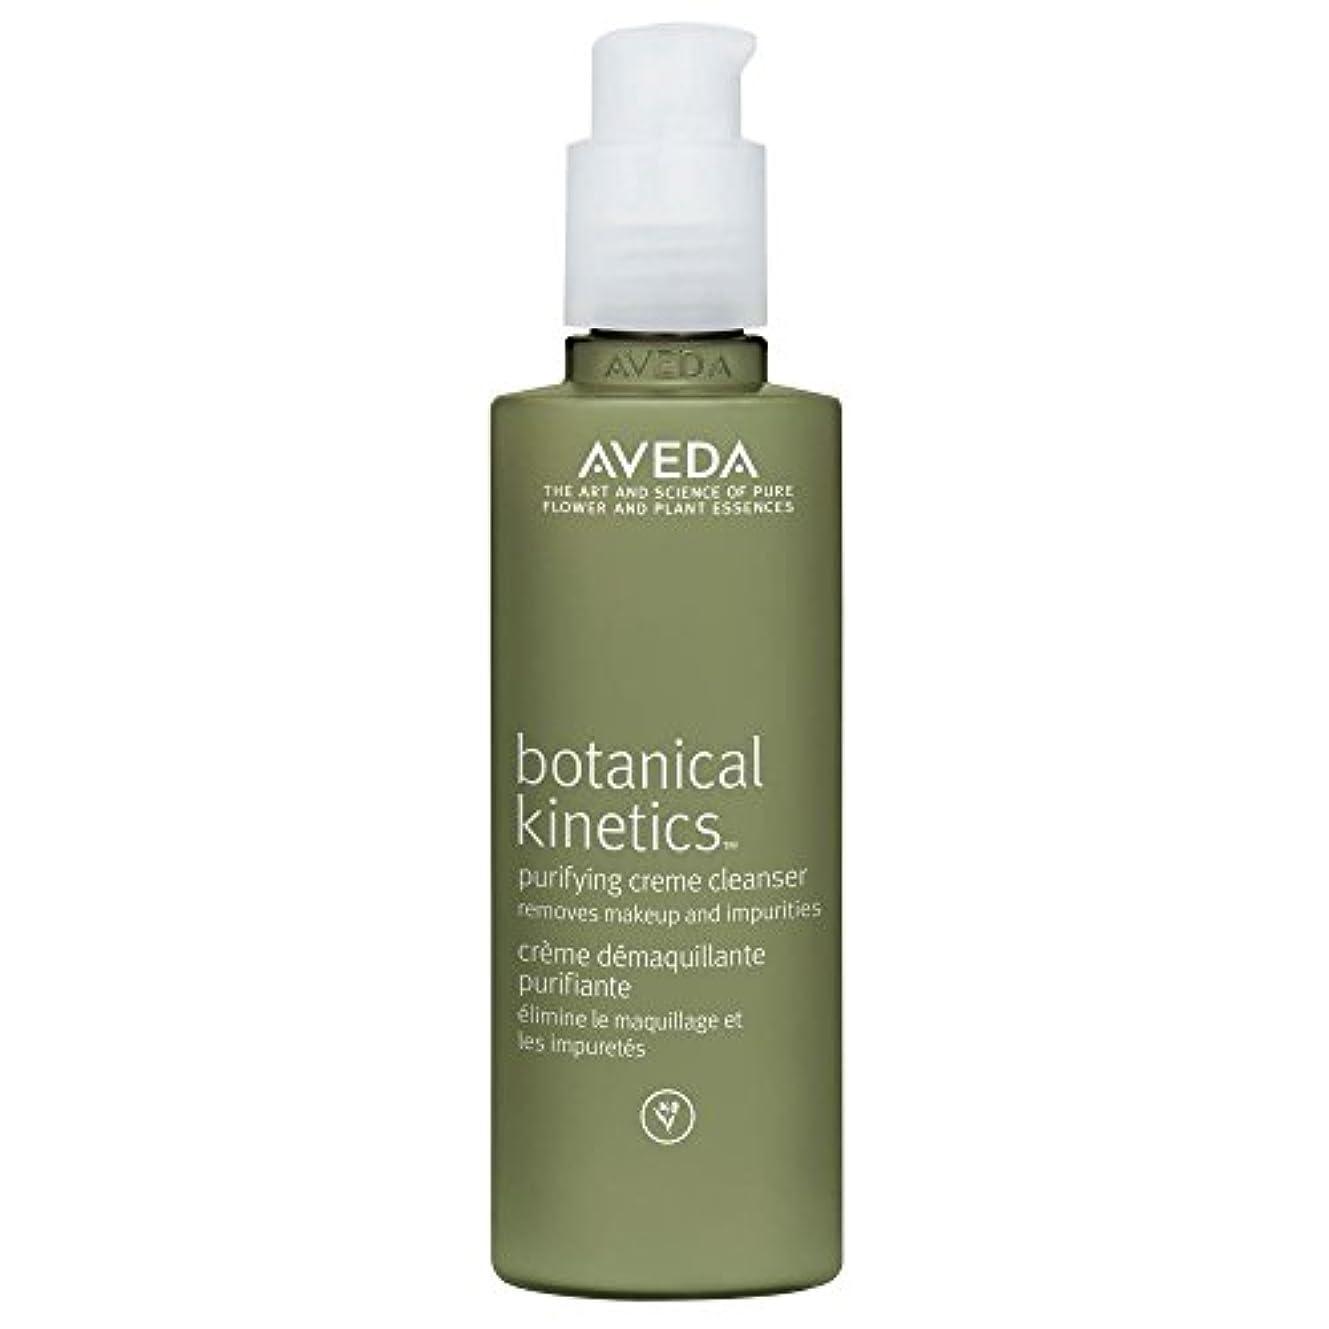 露薬用増強[AVEDA] アヴェダボタニカルキネティクス浄化クリームクレンザー、150ミリリットル - Aveda Botanical Kinetics Purifying Creme Cleanser, 150ml [並行輸入品]